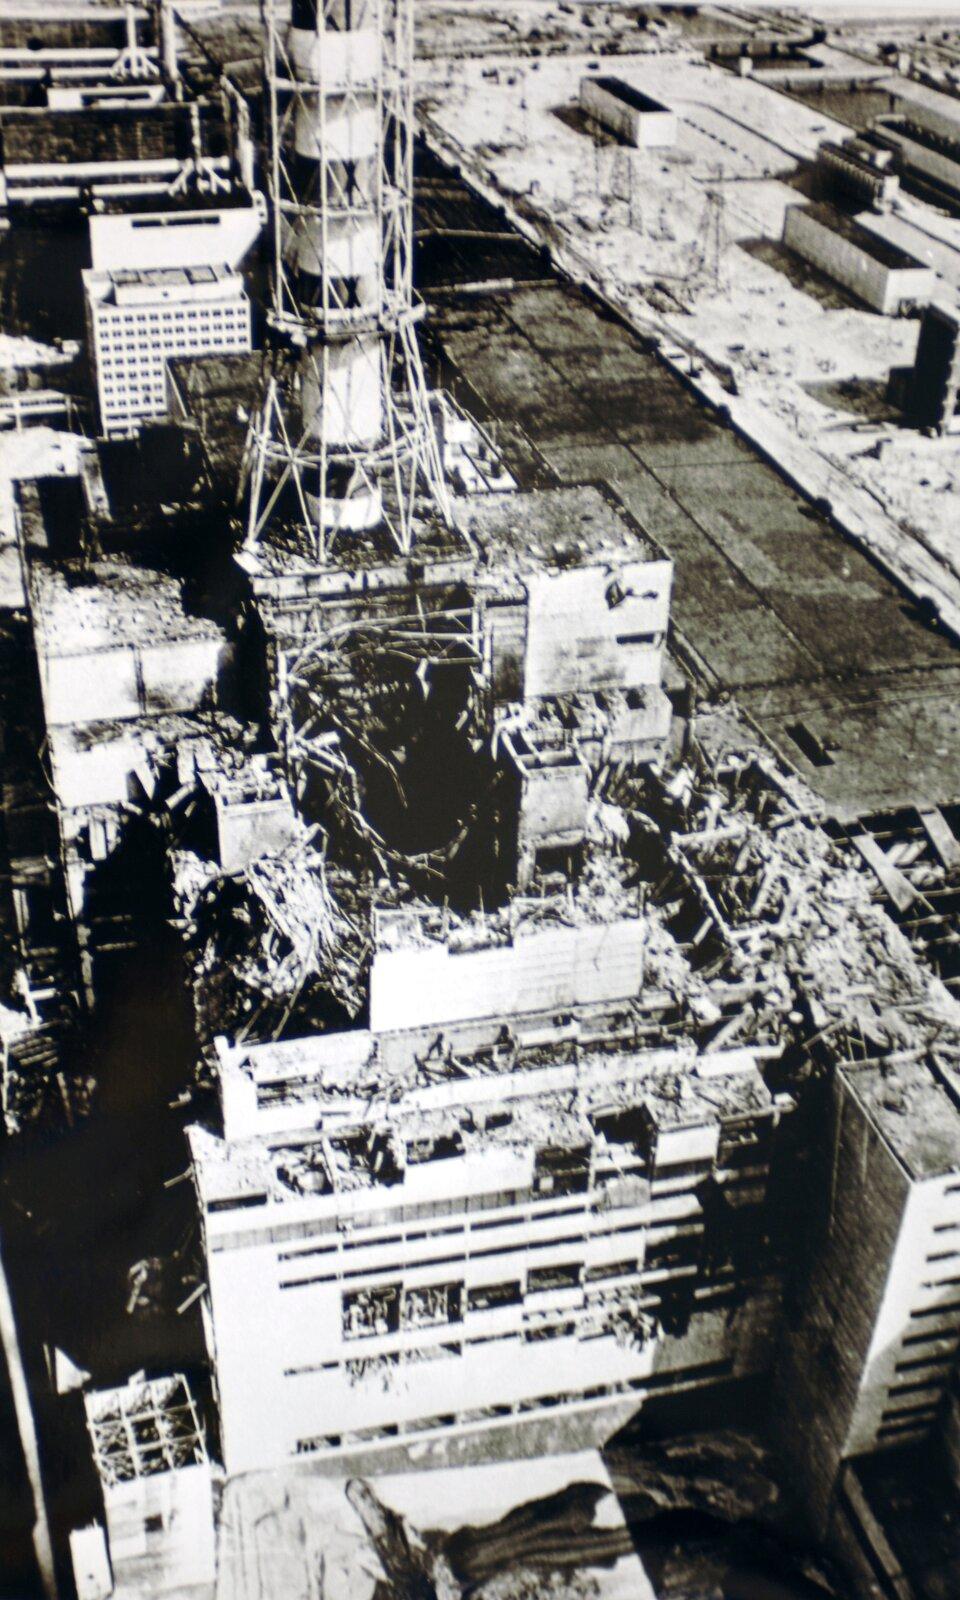 Awaria elektrowni atomowej wCzarnobylu